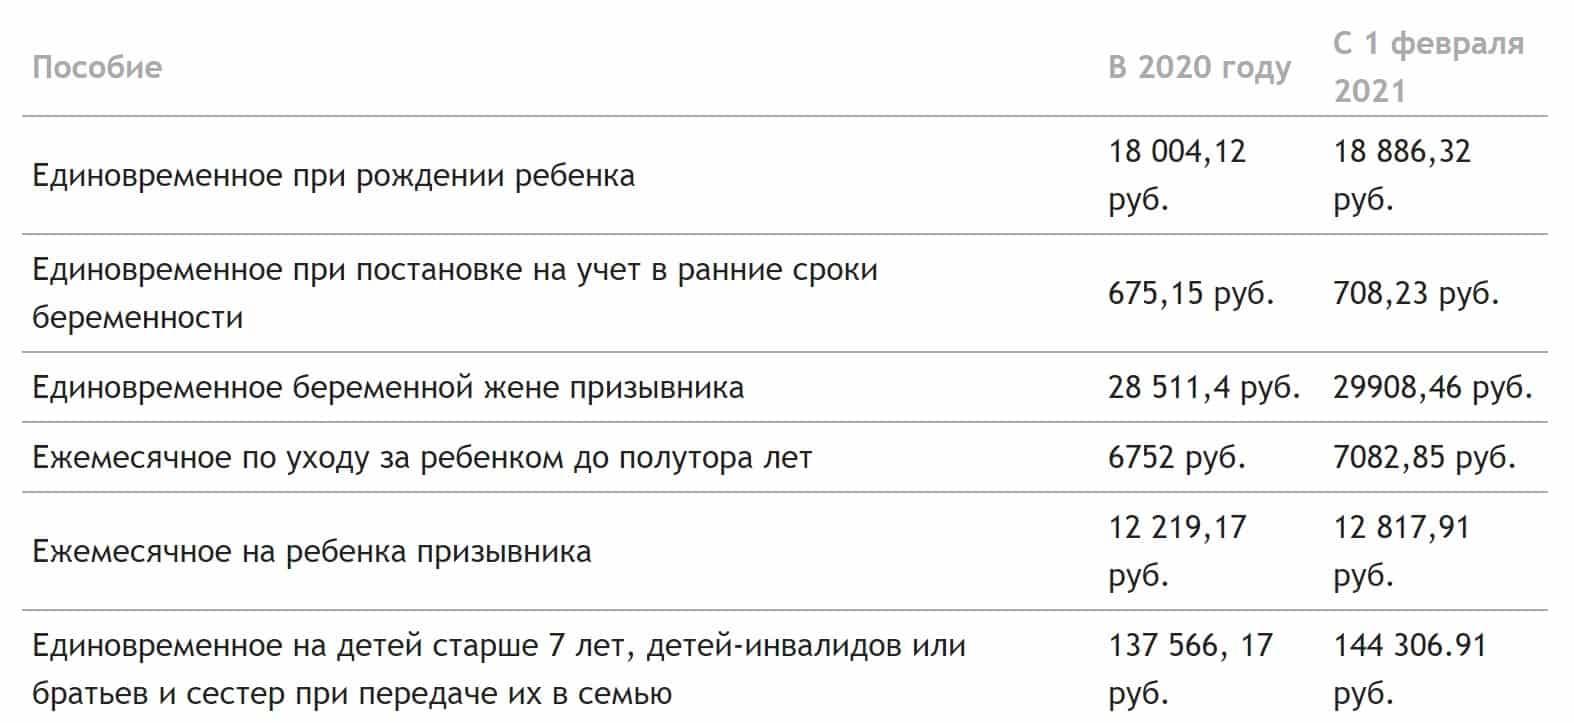 Детские пособия подросли в России с 1 февраля 2021 года